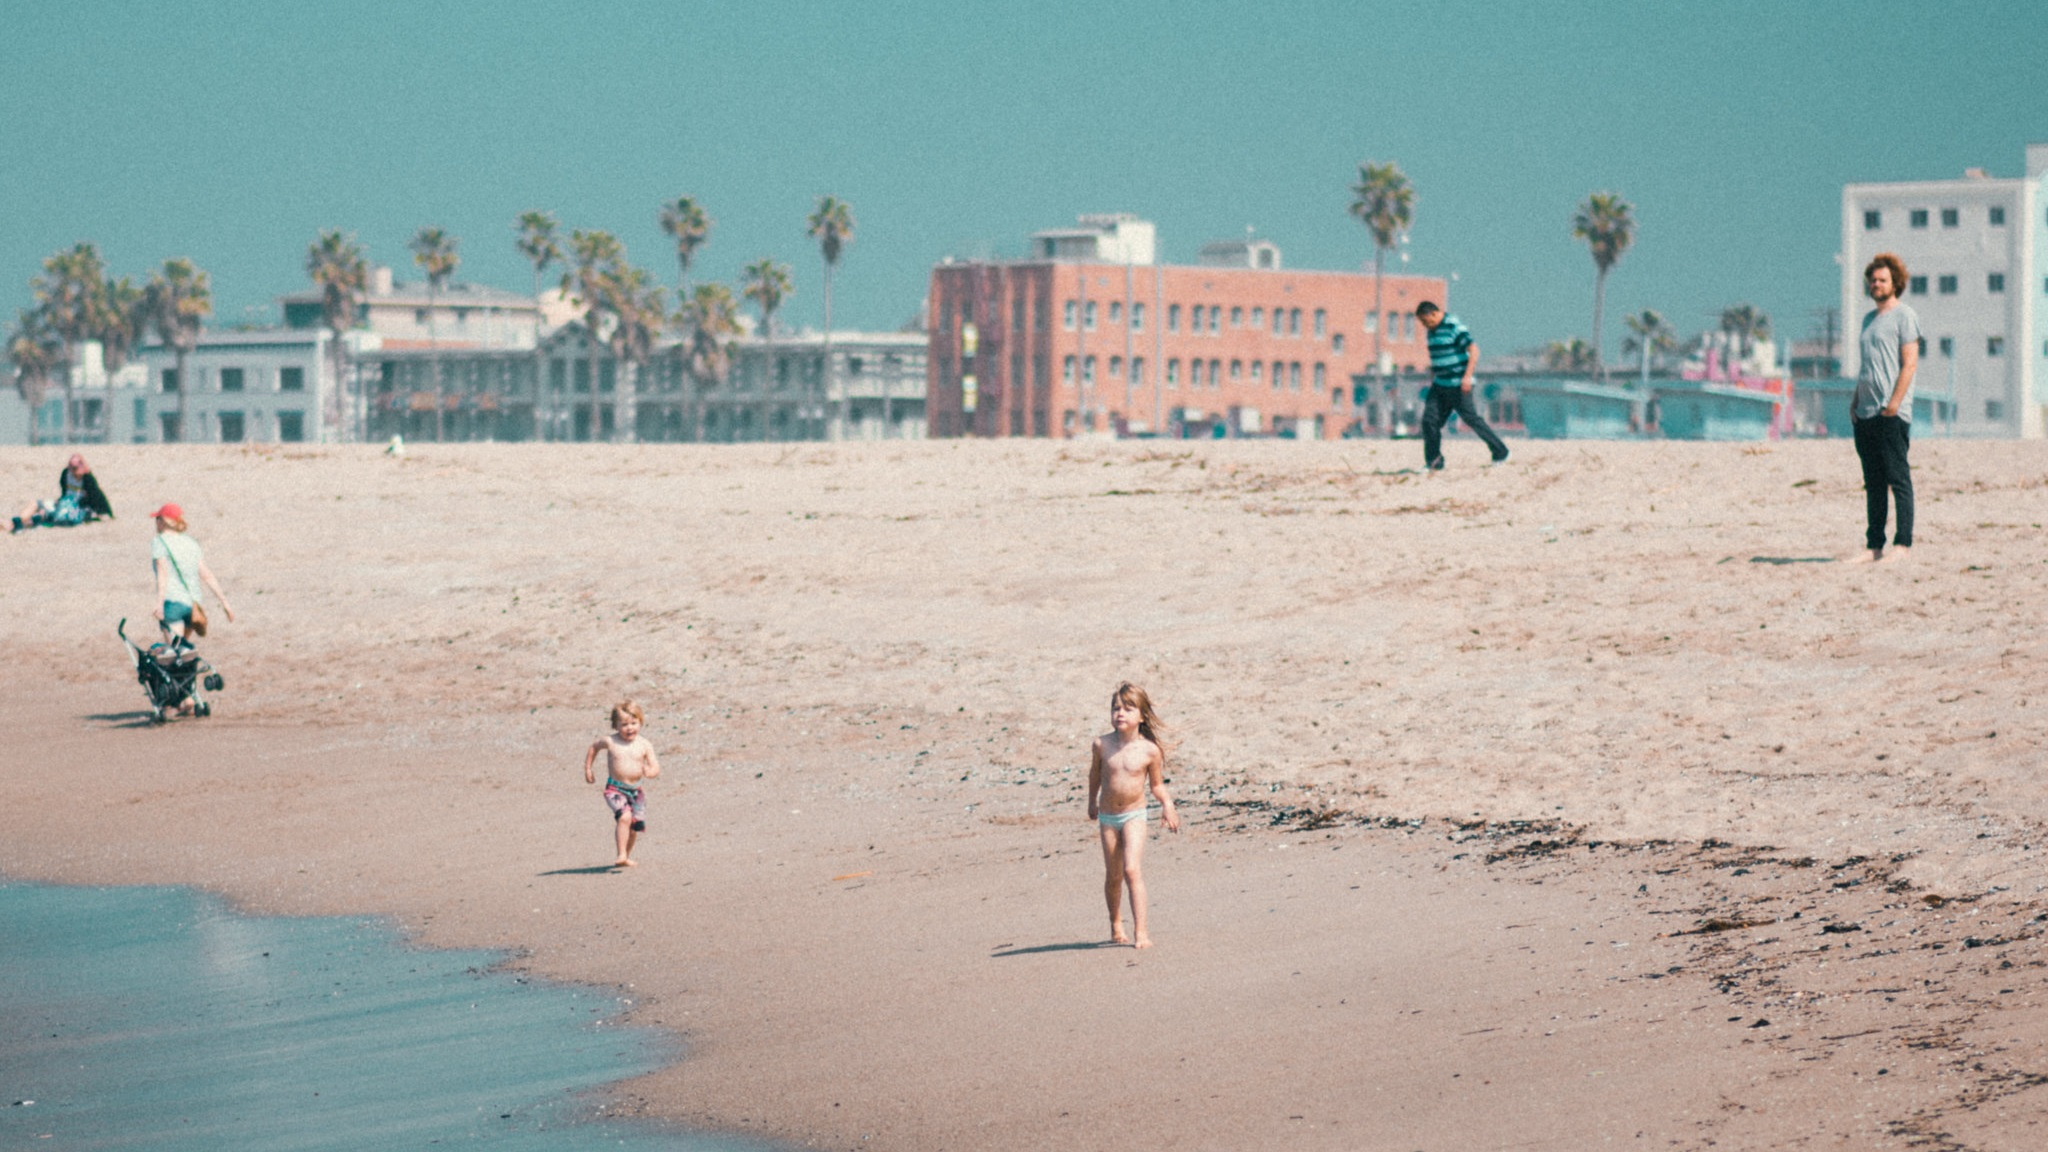 Los Ángeles - COMING SOON